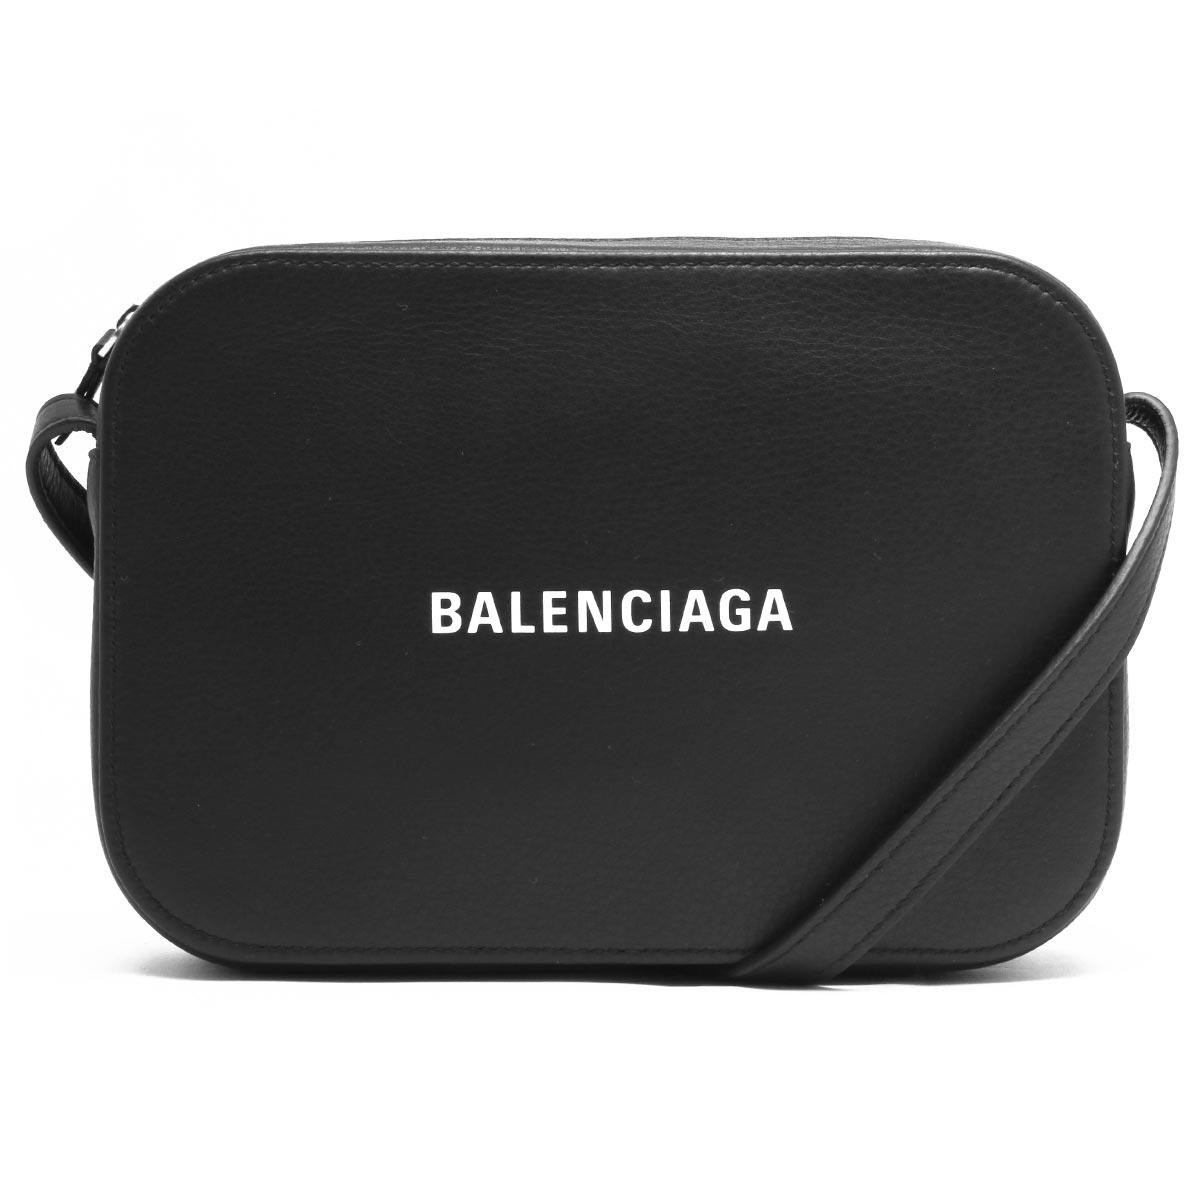 バレンシアガ ショルダーバッグ バッグ レディース エブリディ カメラ S ブラック 552370 DLQ4N 1000 BALENCIAGA